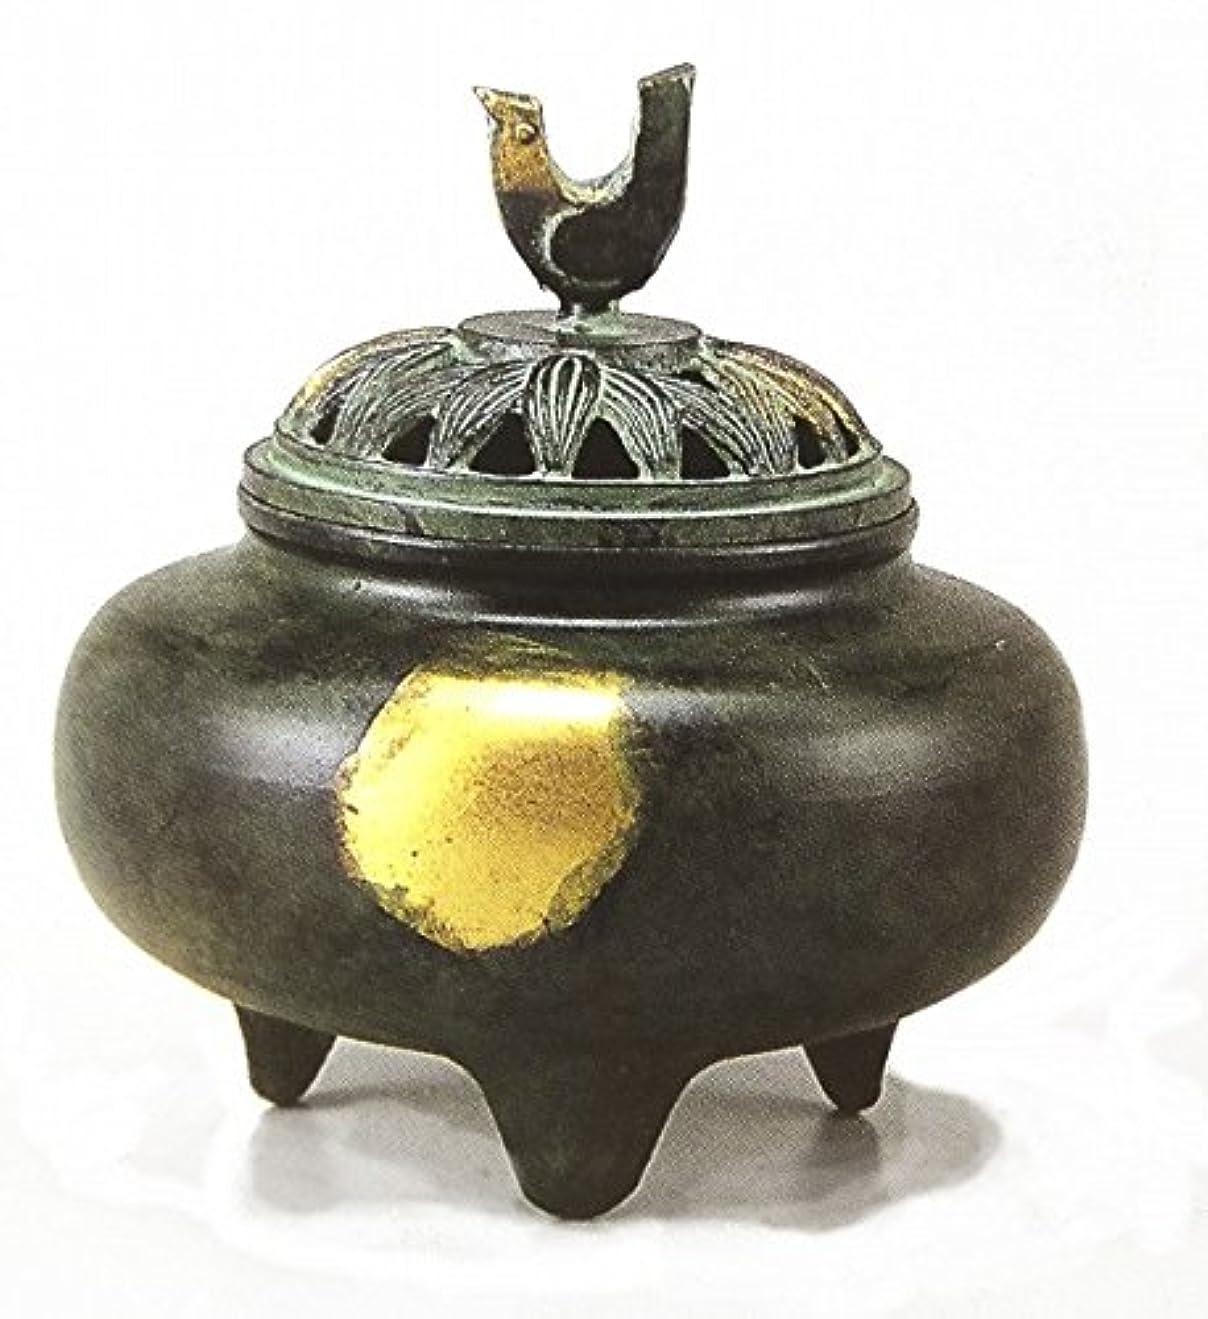 乞食空虚国勢調査『珠玉型香炉』銅製